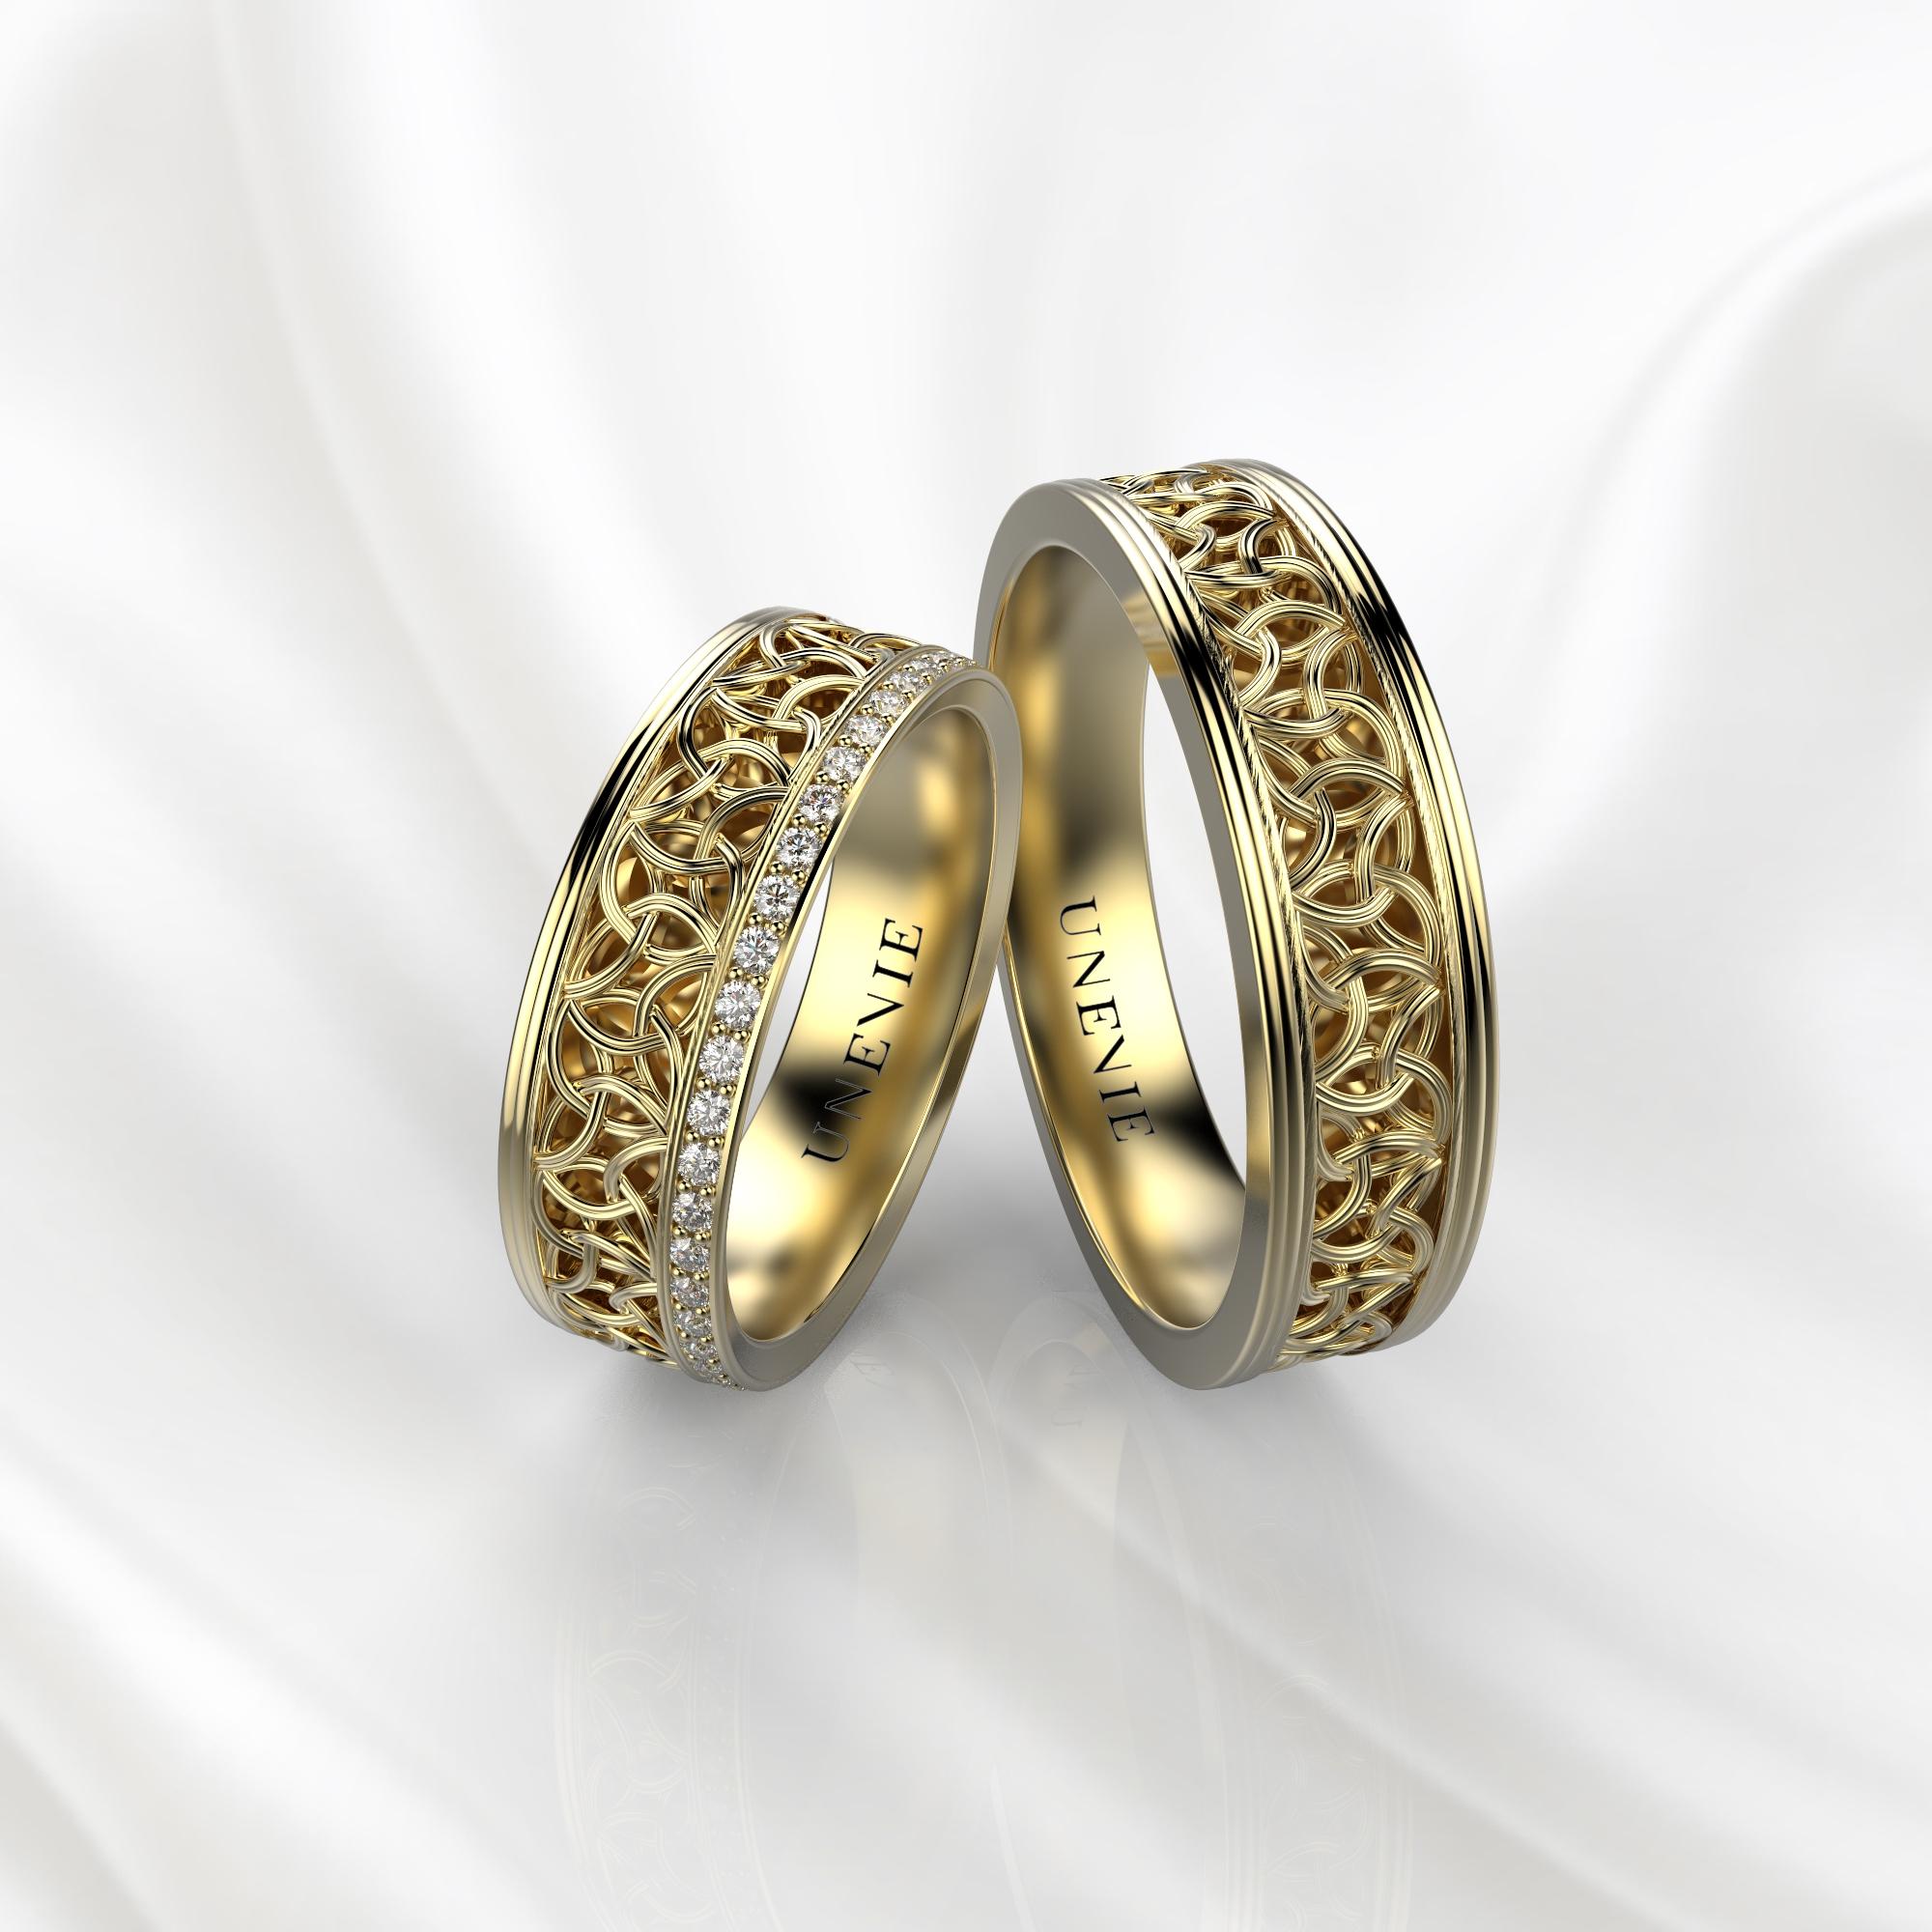 NV64 Парные обручальные кольца из желтого золота с бриллиантами